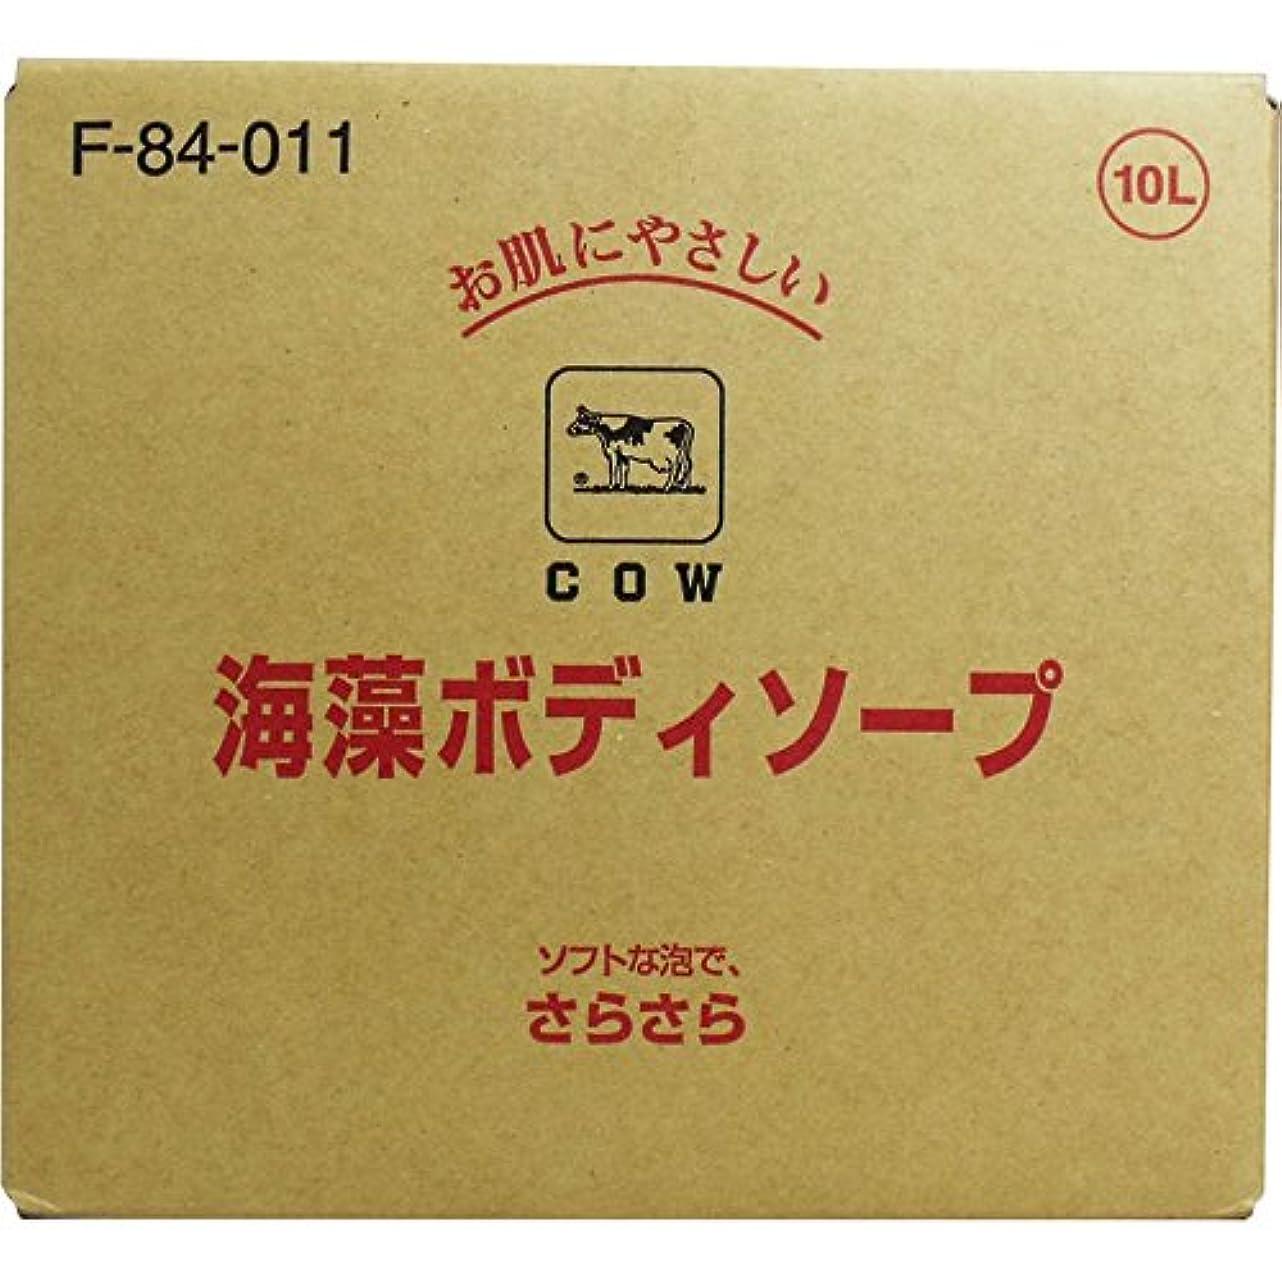 クラウドひも学部ボディ 石けん詰め替え さらさらした洗い心地 便利商品 牛乳ブランド 海藻ボディソープ 業務用 10L